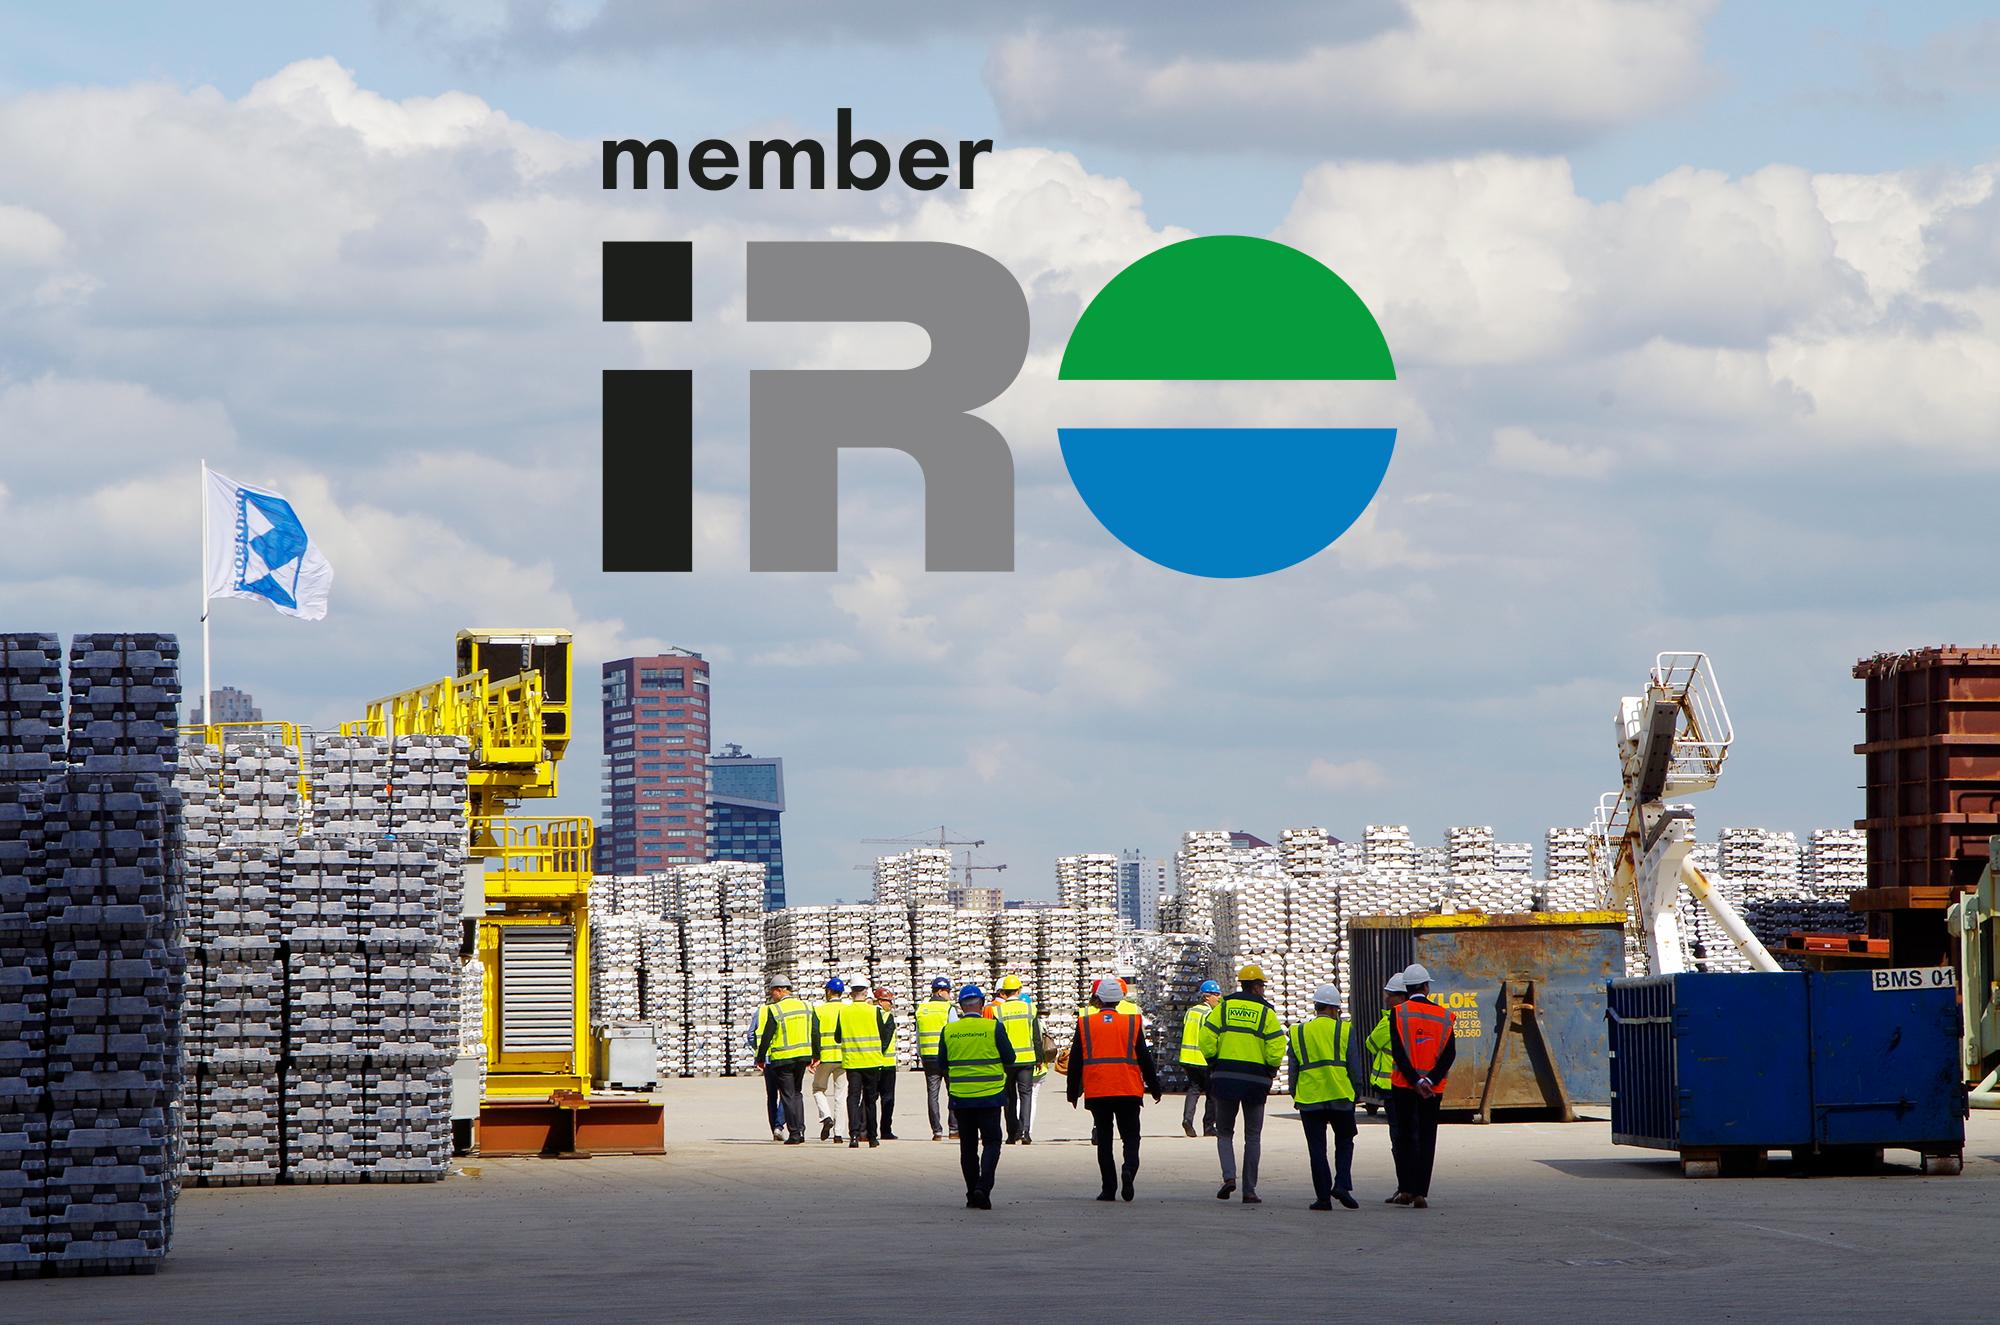 IRO member logo